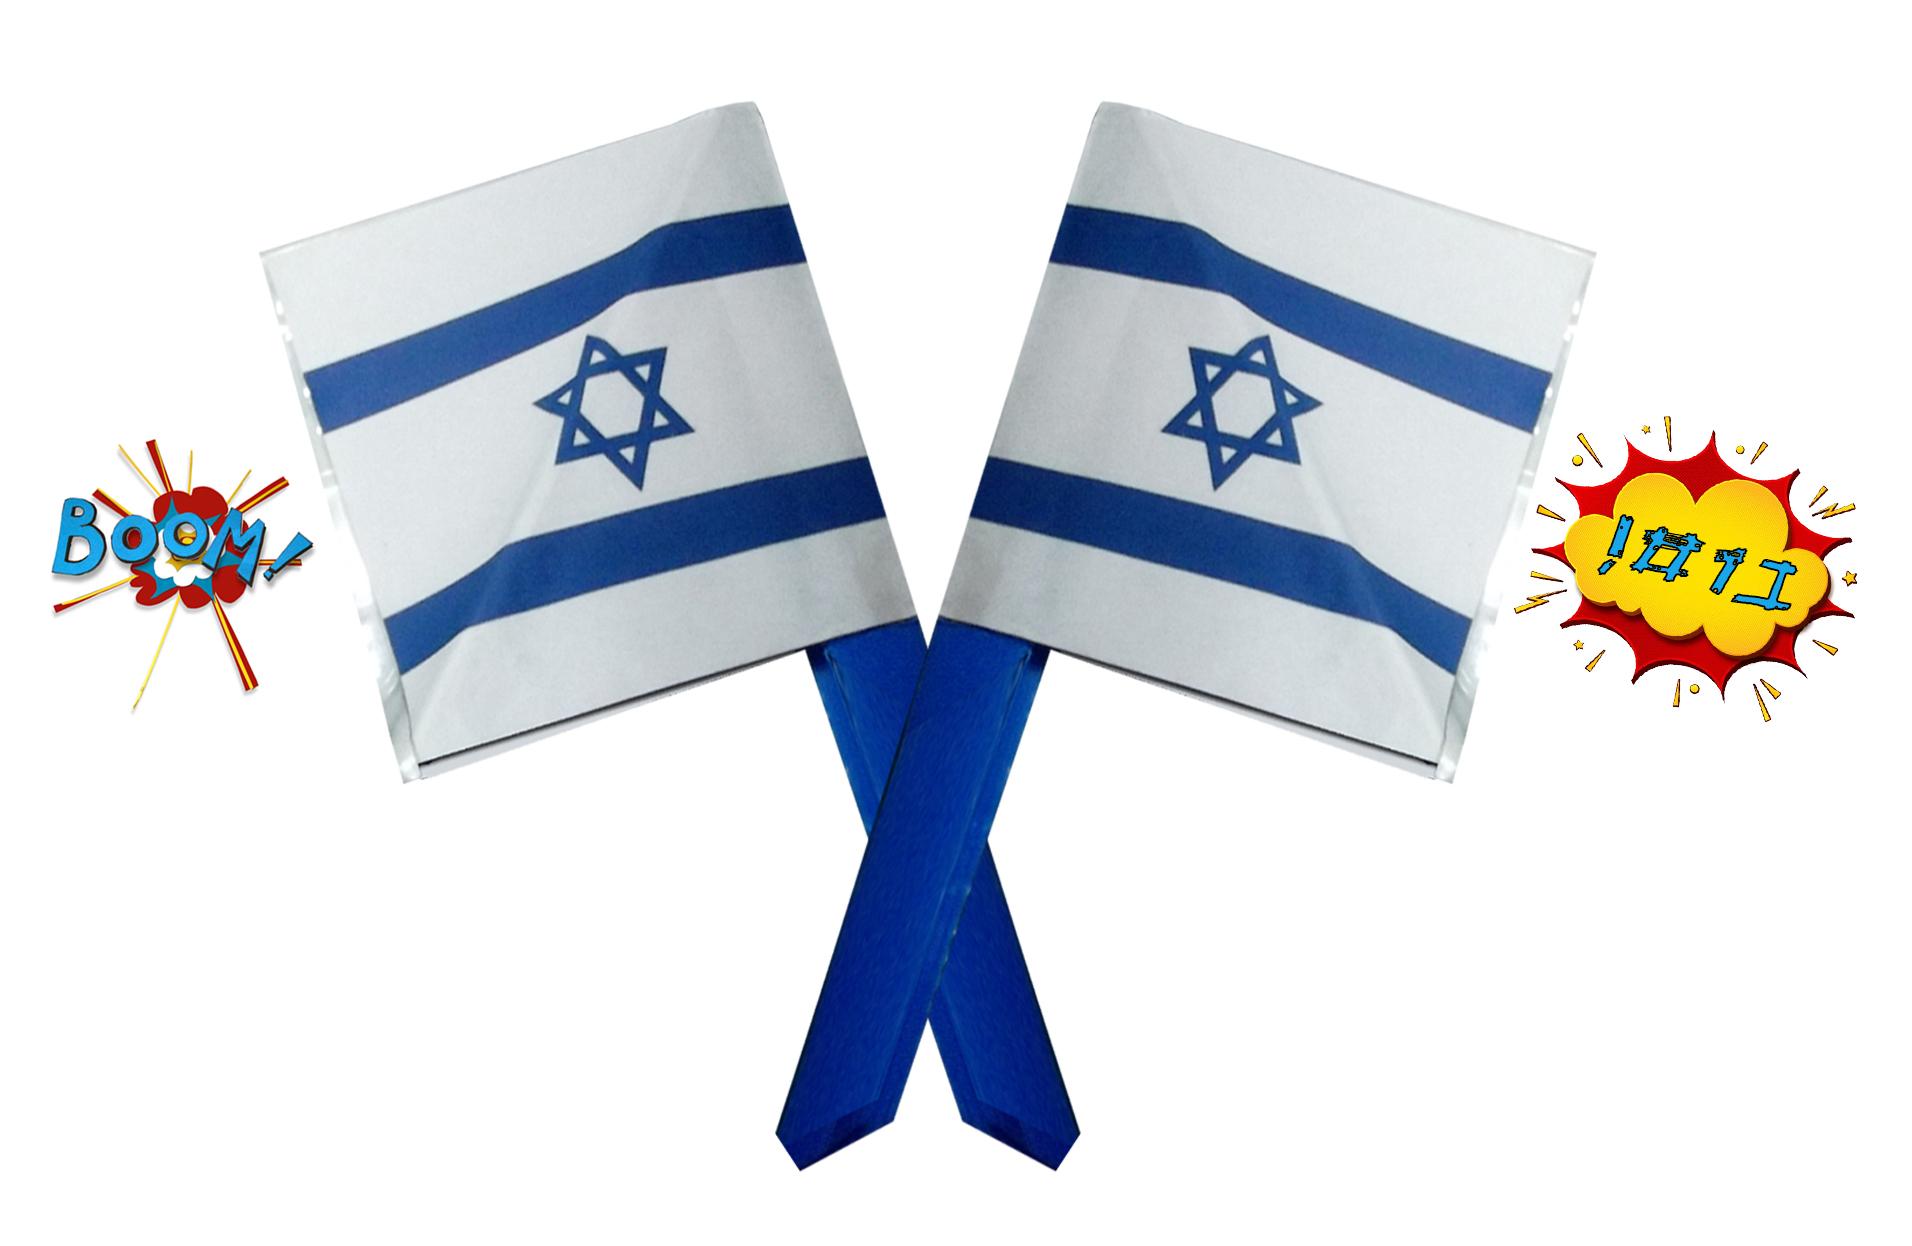 מתנות ישראליות - דגל בום